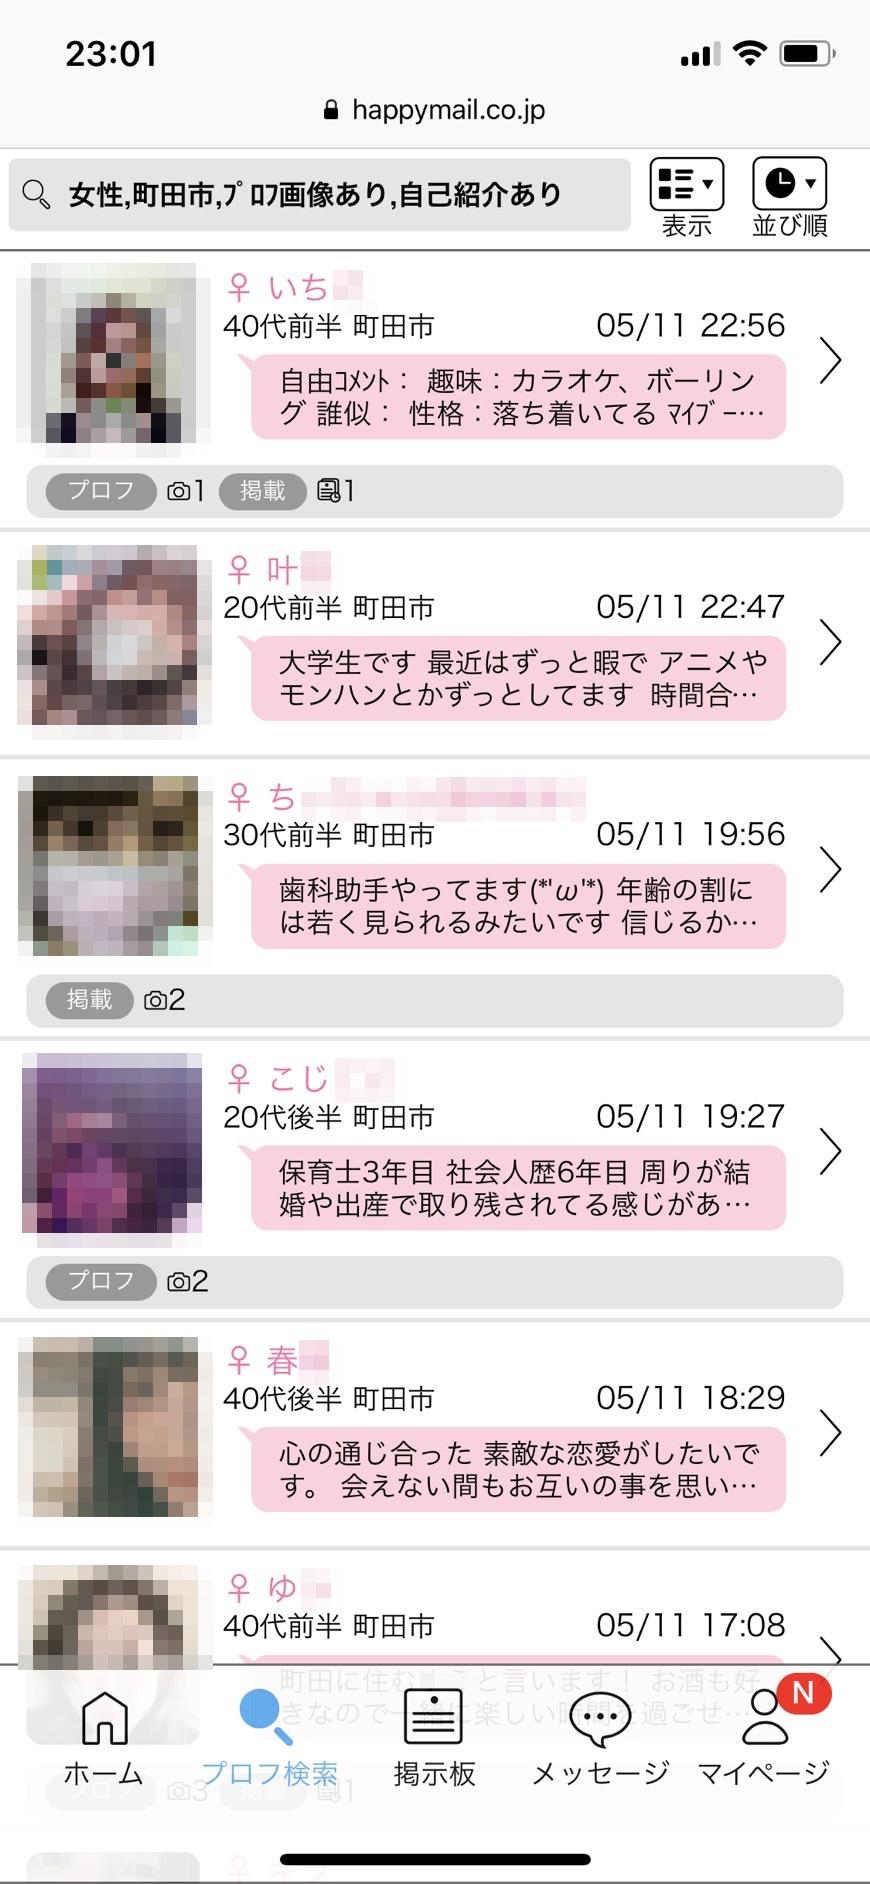 町田・出会い希望(ハッピーメール)